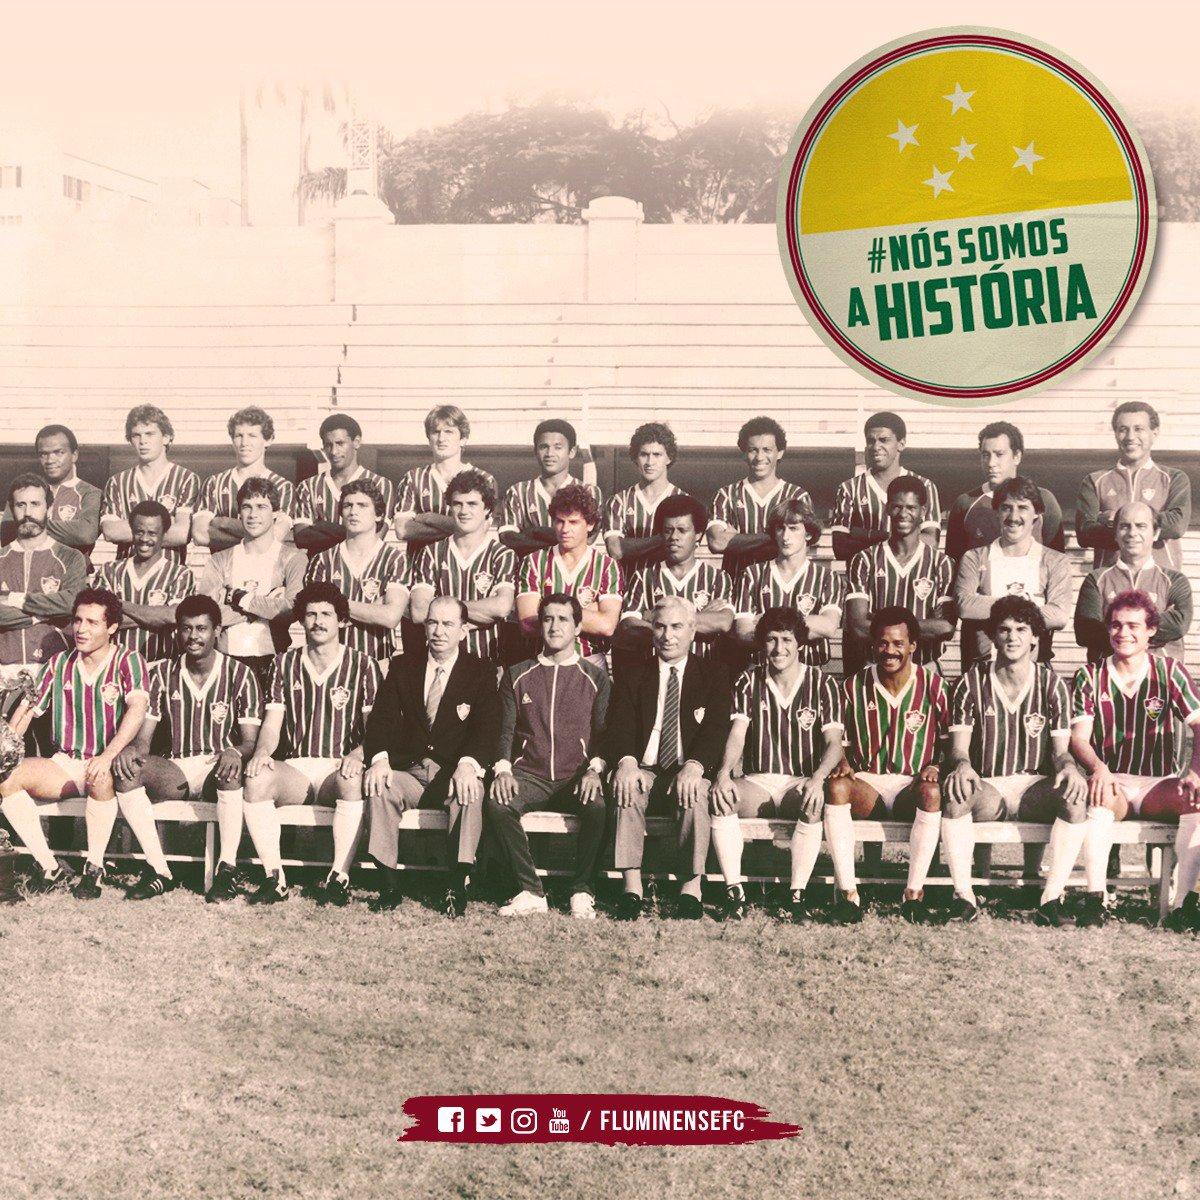 Em 21 de junho de 1984, há exatos 34 anos, quatro jogadores do Fluminense - que havia acabado de se sagrar Campeão Brasileiro - entravam em campo vestindo a camisa da Seleção na vitória por 1 a 0 sobre o Uruguai: Jandir, Deley, Assis e Tato. #NósSomosAHistória